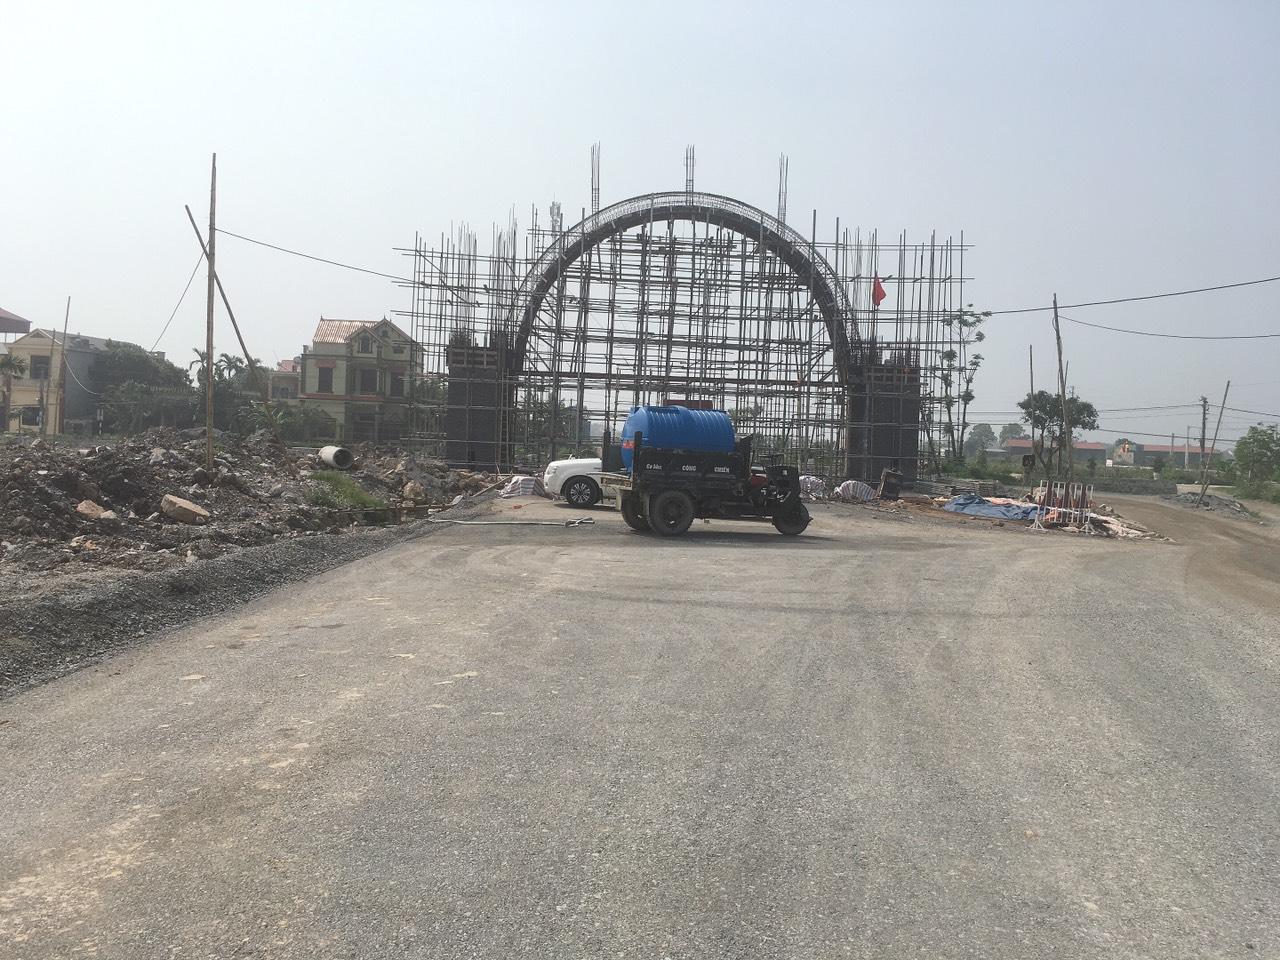 Thi công cổng chào Welcome to Hung Hoa City